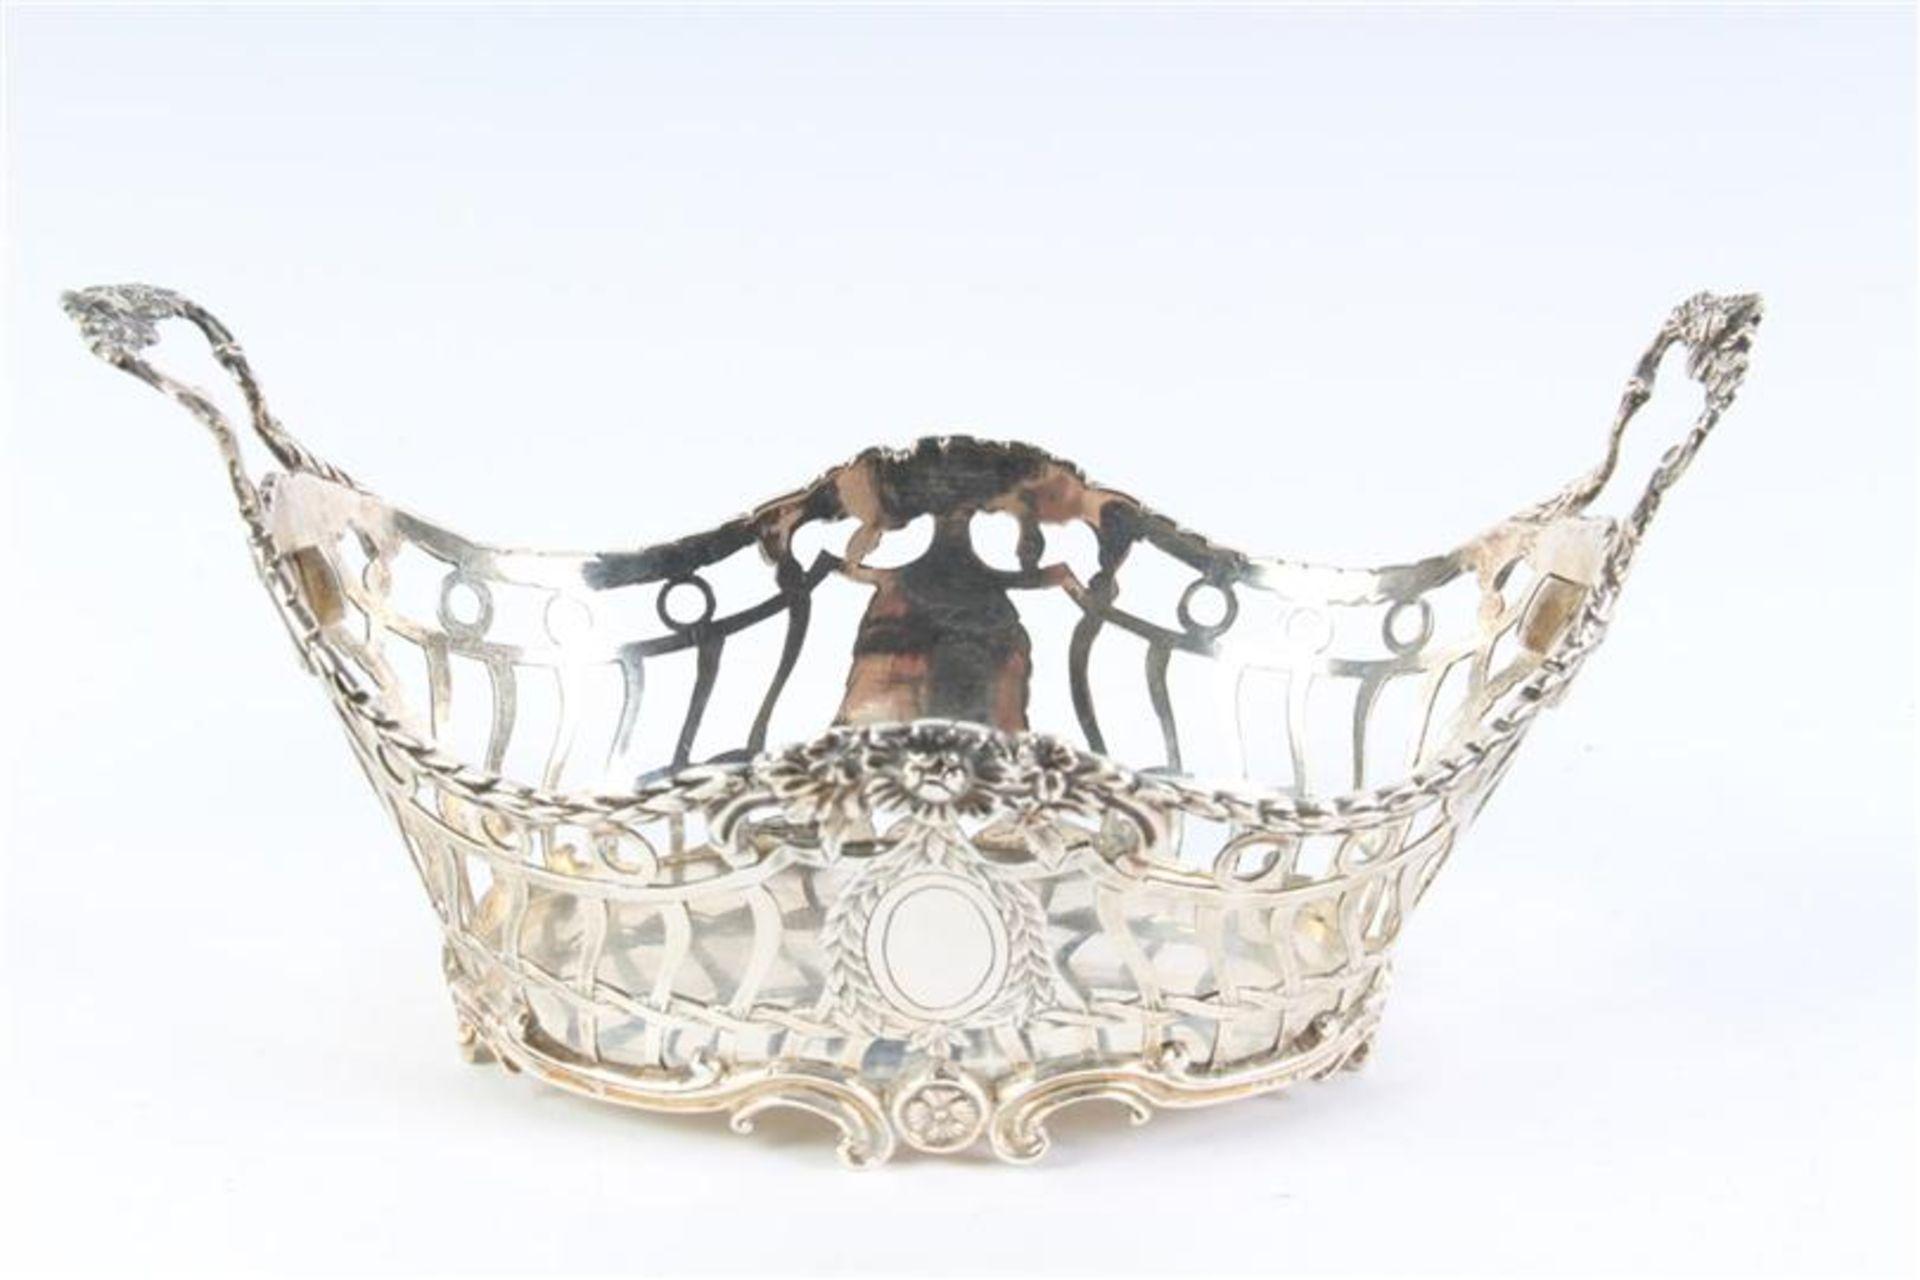 Zilveren mandje, ajour met guirlandes, gaatje in de bodem. HxBxD: 8.5 x 17 x 10 cm.